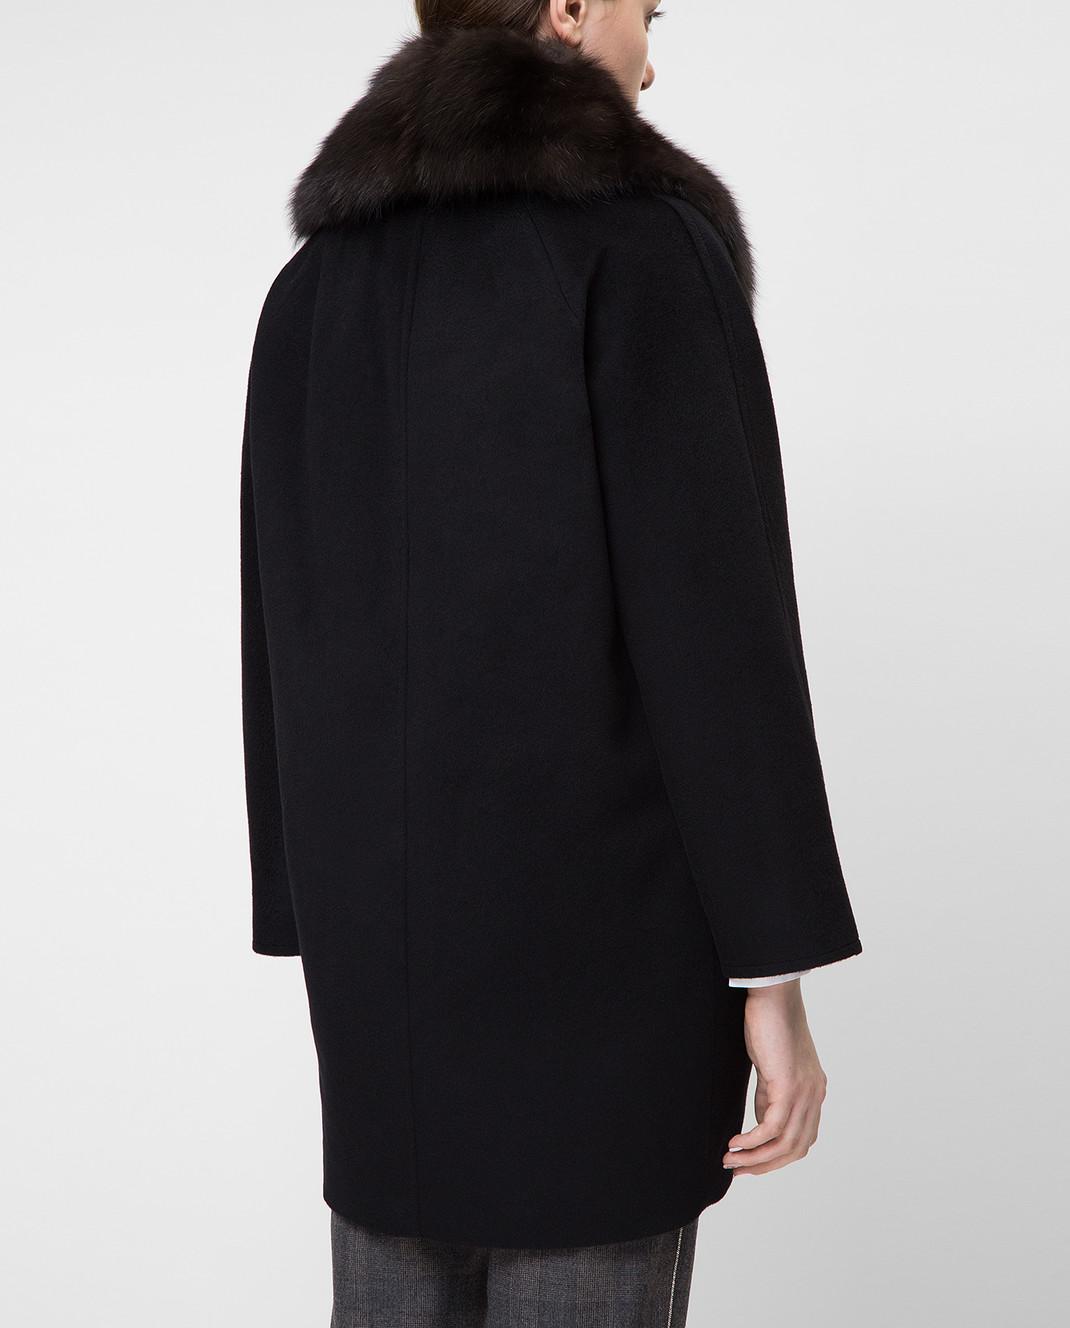 Real Furs House Пальто со съемным мехом QSR433 изображение 4